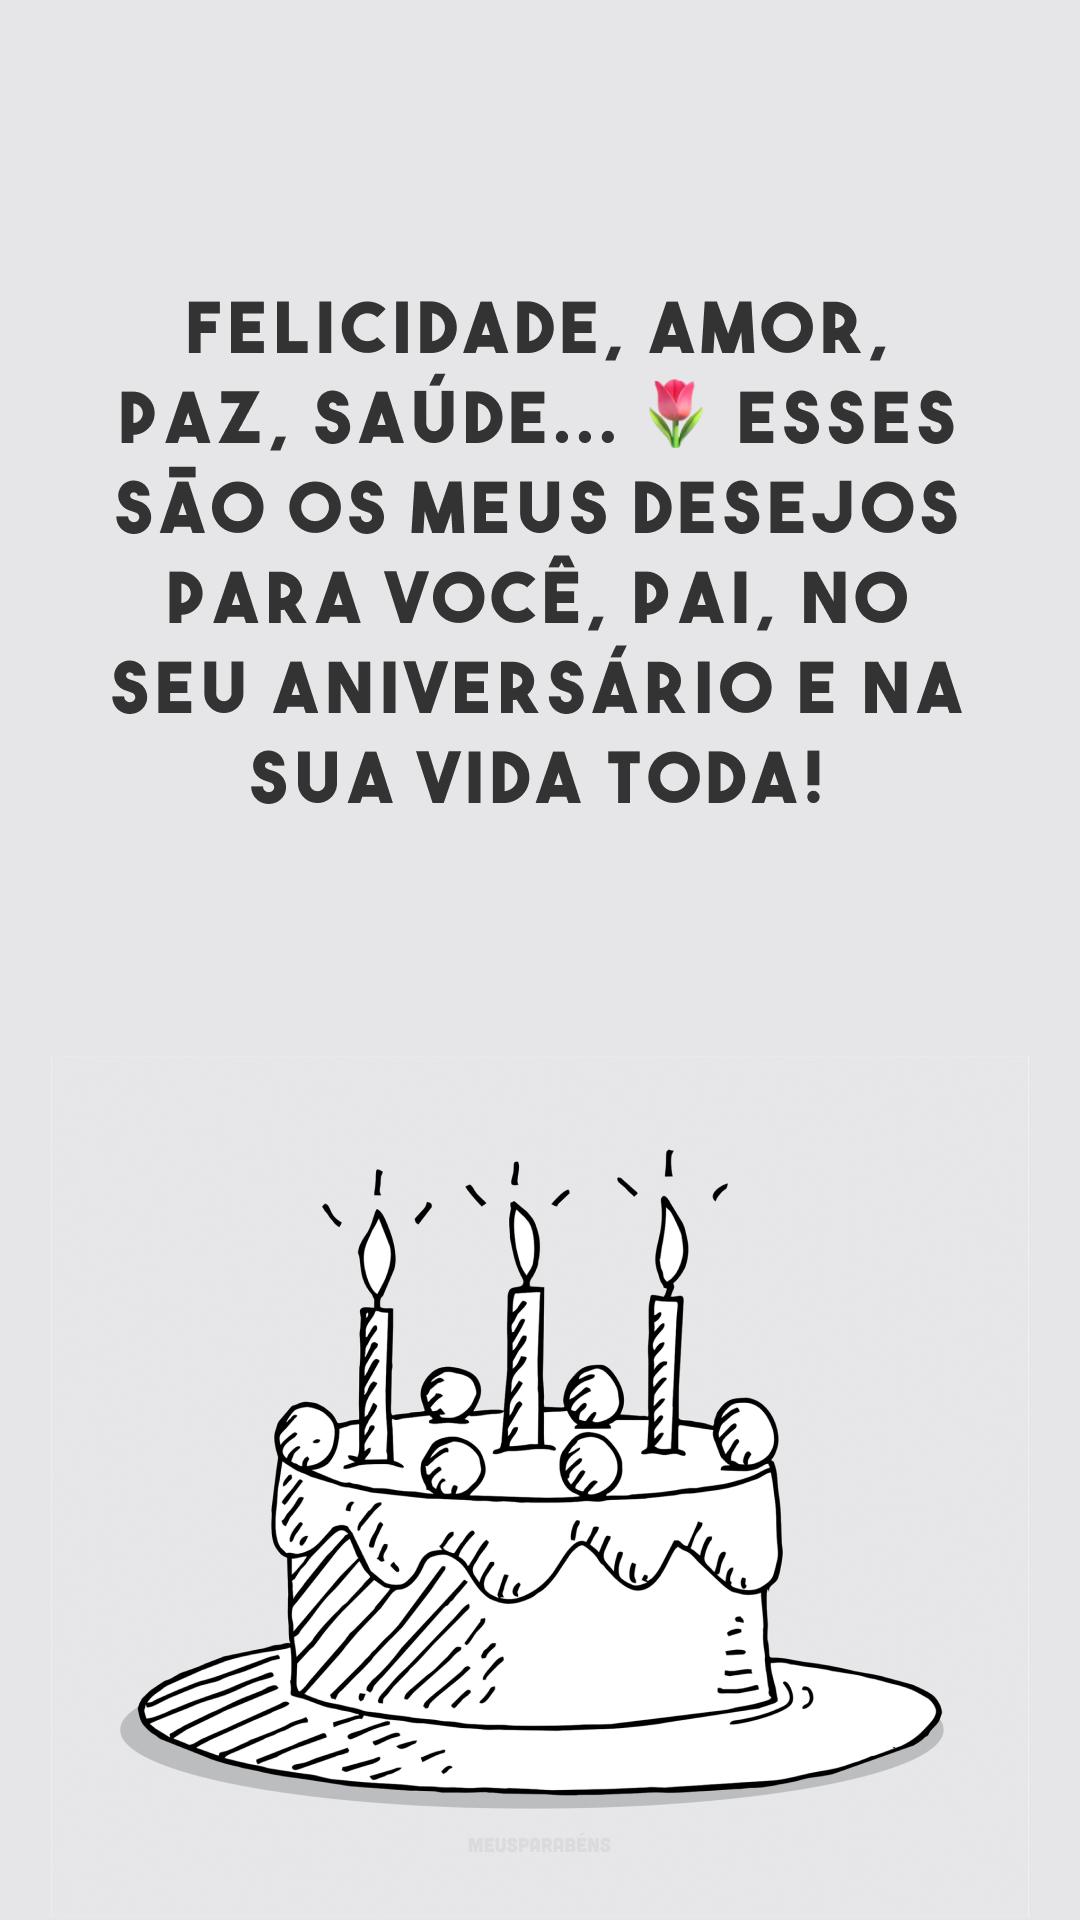 Felicidade, amor, paz, saúde... ? Esses são os meus desejos para você, pai, no seu aniversário e na sua vida toda!